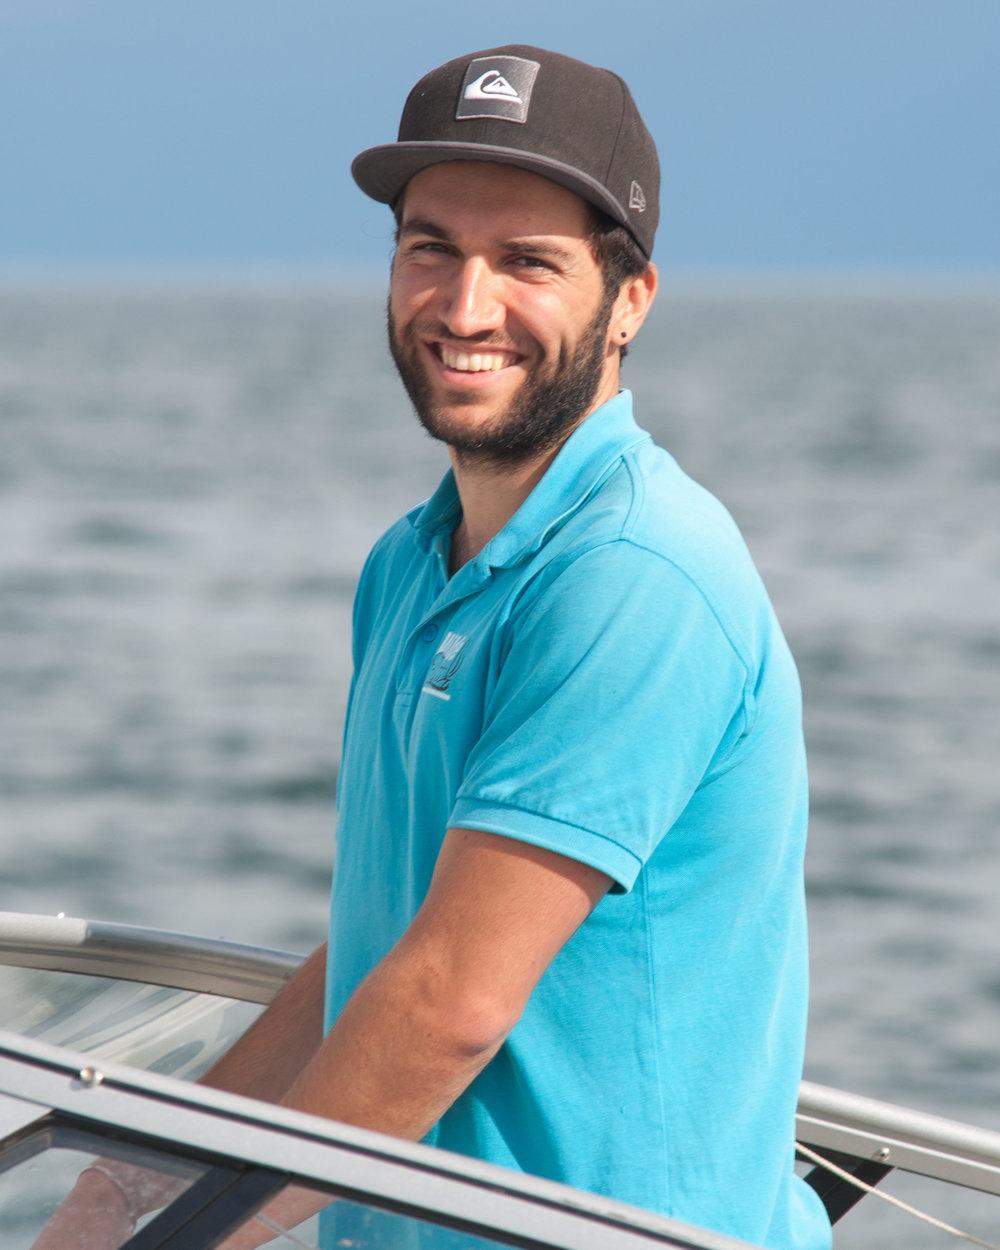 Eli - Arbeitet seit 2013 im Team der Wilden Flotte. Als angehender Sportlehrer ist der Schritt zum Segel- und Motorbootlehrer kein großer mehr.